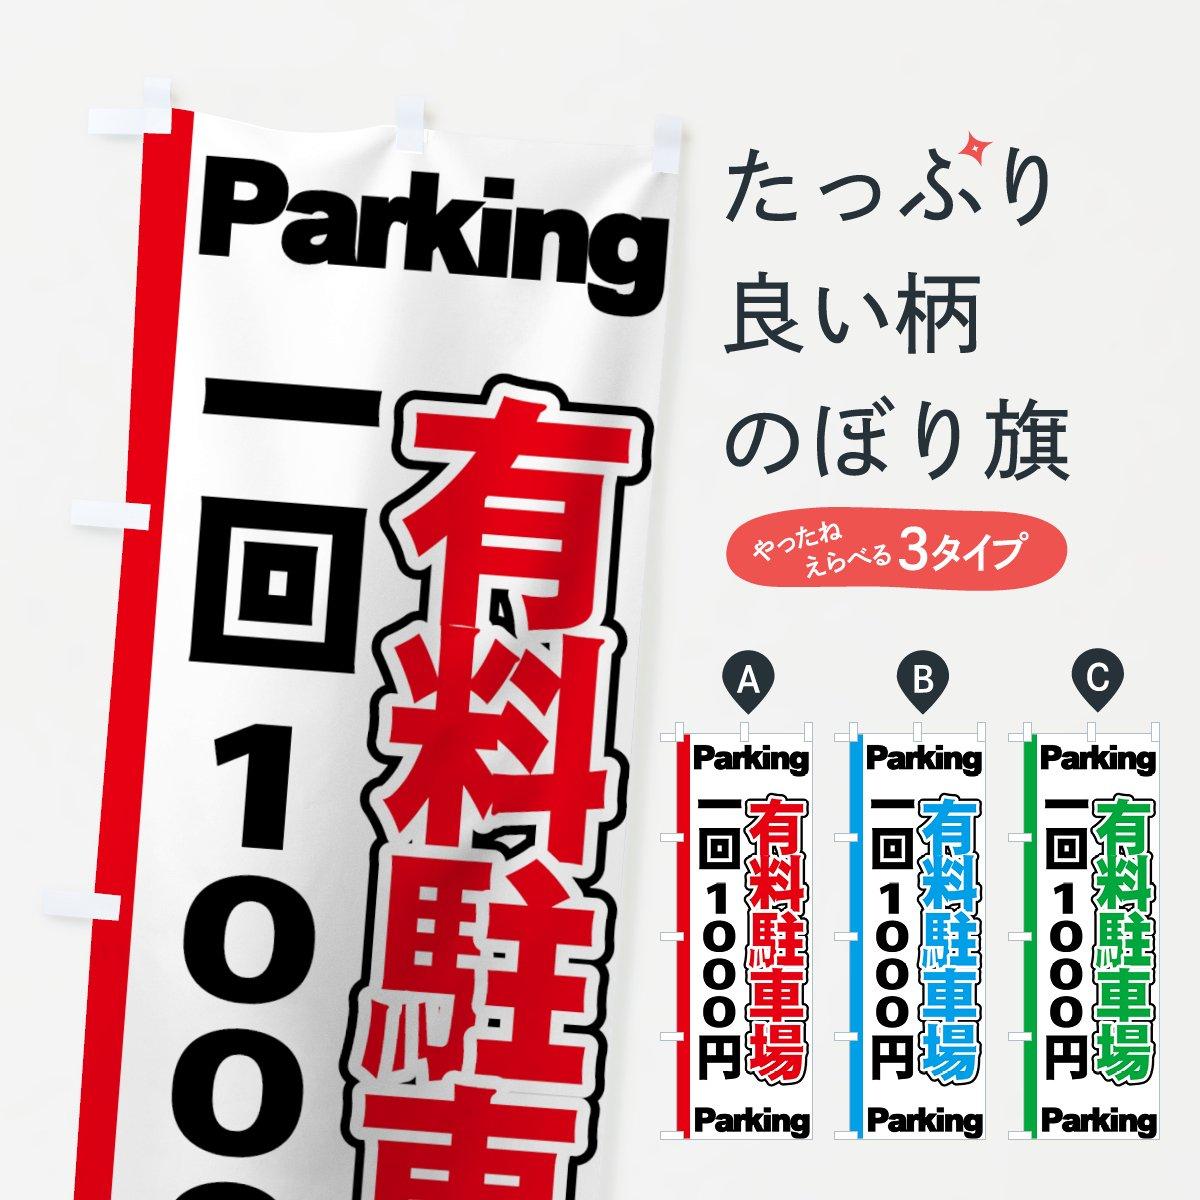 【値替無料】のぼり旗 有料駐車場 1000円